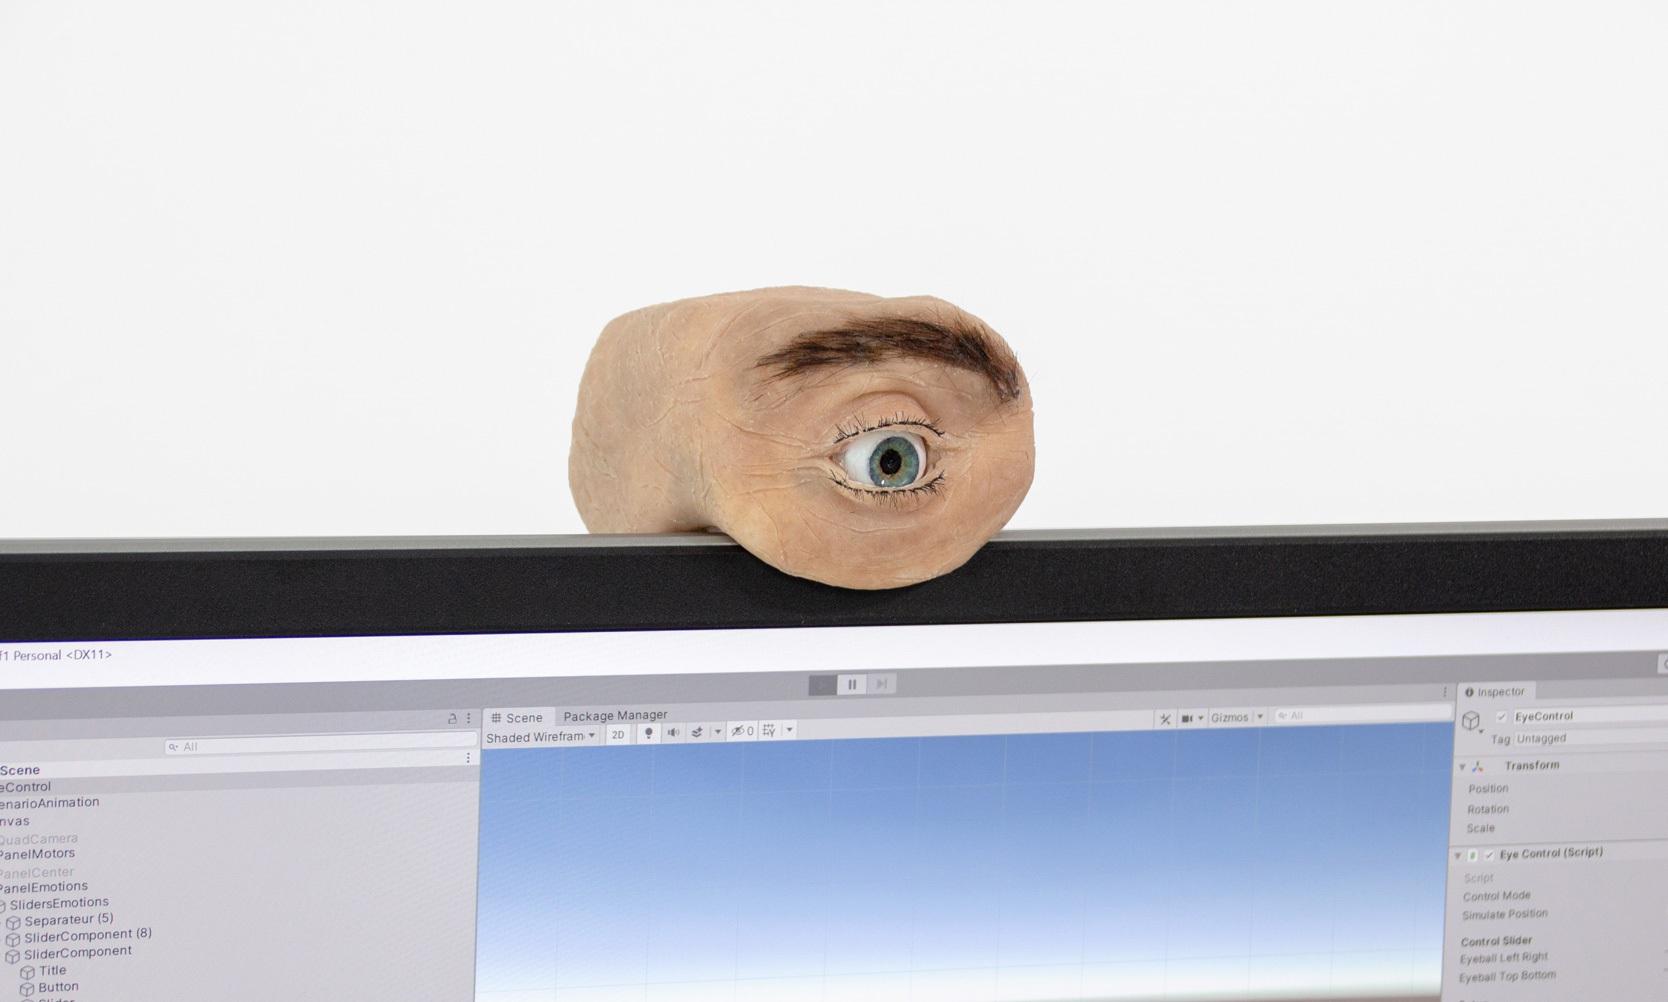 Chiếc webcam kì dị có thiết kế giống mắt người, biết chớp mắt, liếc nhìn - 1